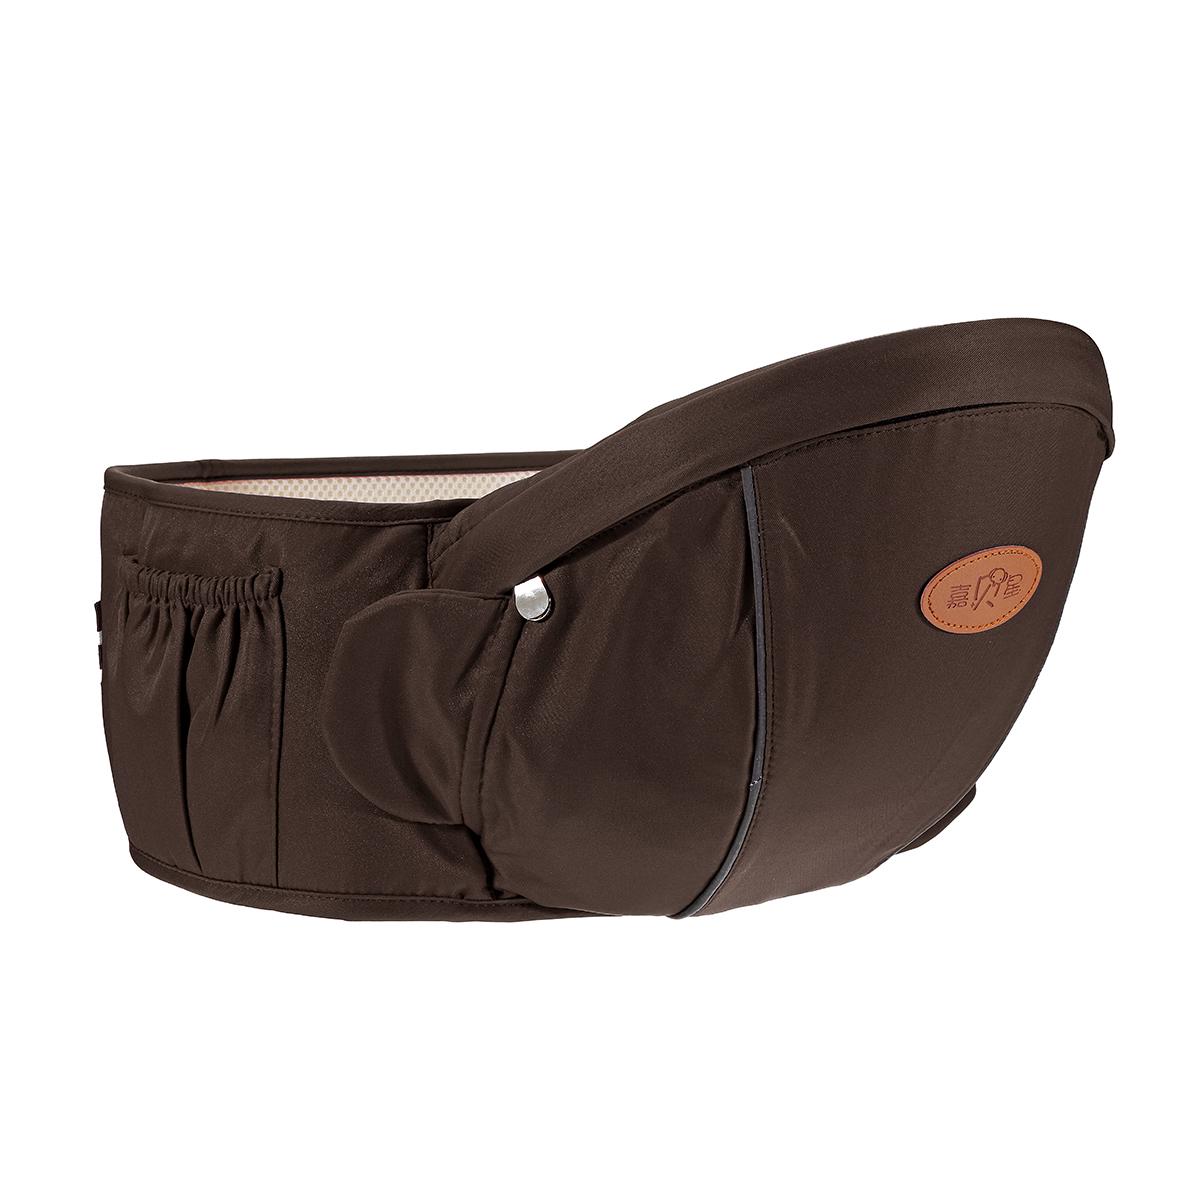 Multifuncional bebê infantil transportadoras cintura fezes frente Sling Cinto correias quadril